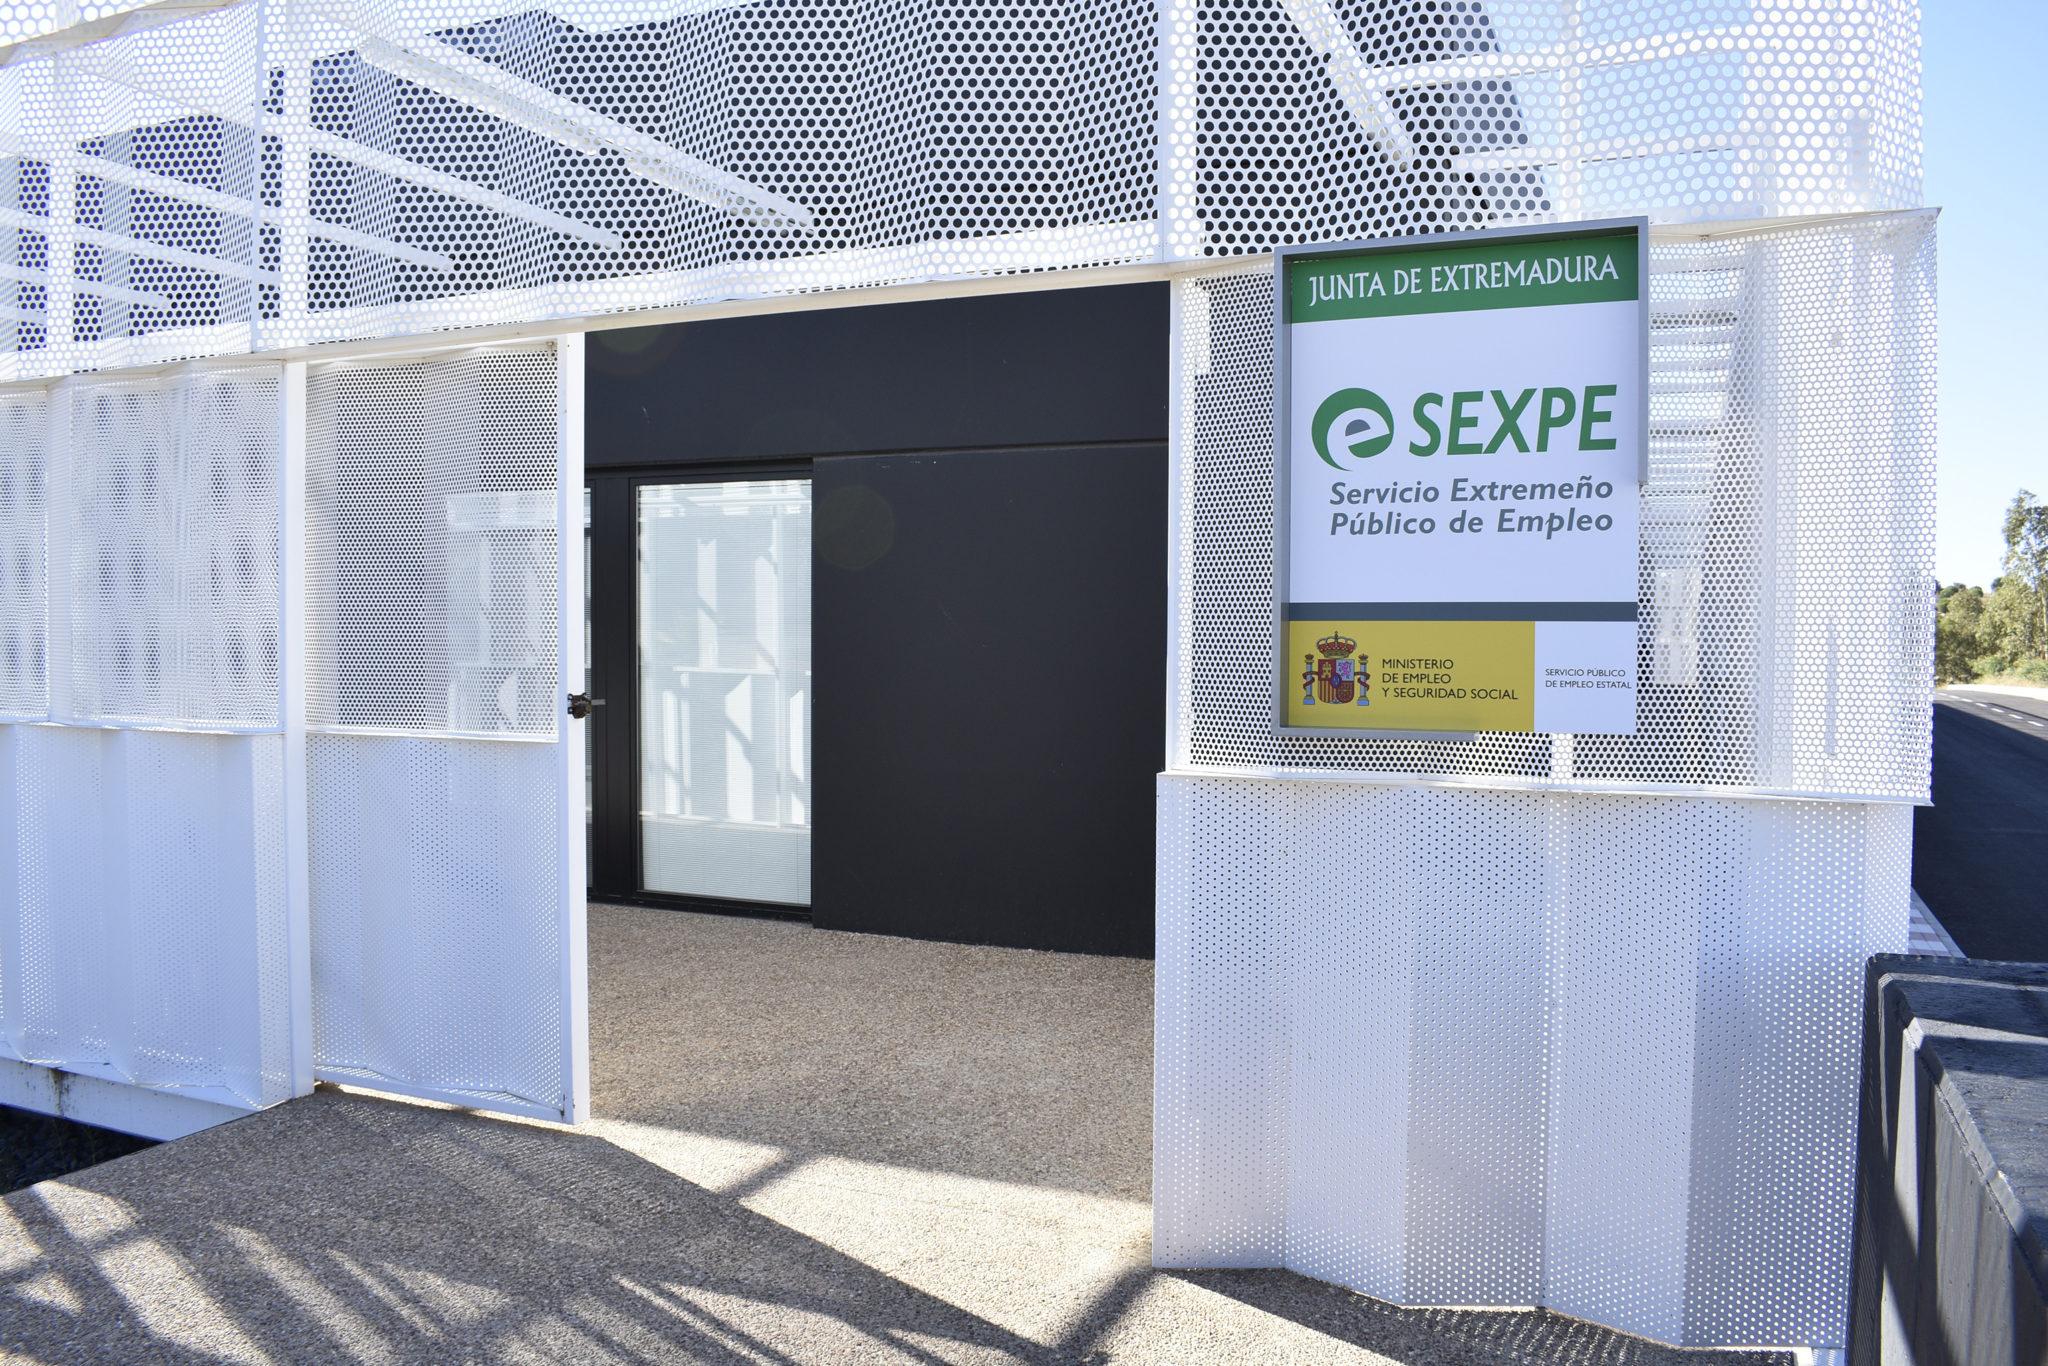 Las oficinas del sexpe ya est n a pleno rendimiento en el for Inem horario oficinas